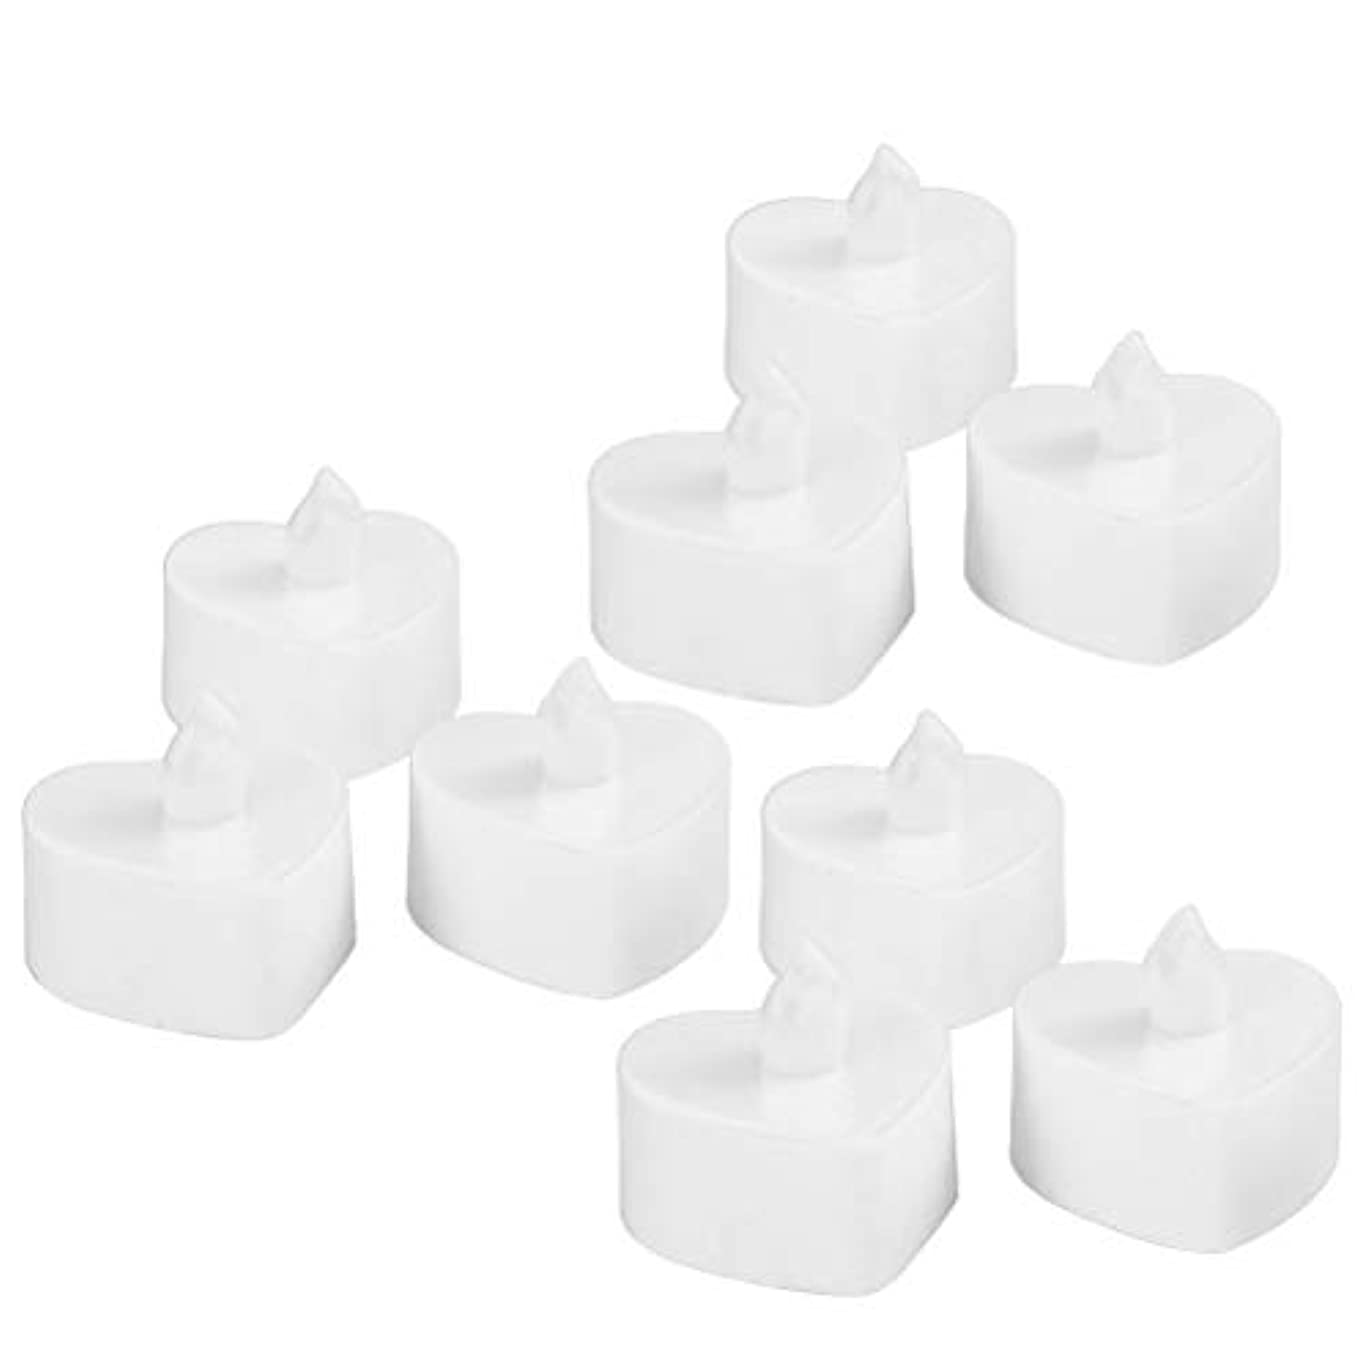 アナニバーラッカス解説BESTOYARD 10個無炎キャンドルバッテリーは、キャンドルの結婚式のパーティーフェスティバルの装飾(白いシェル黄色の光)